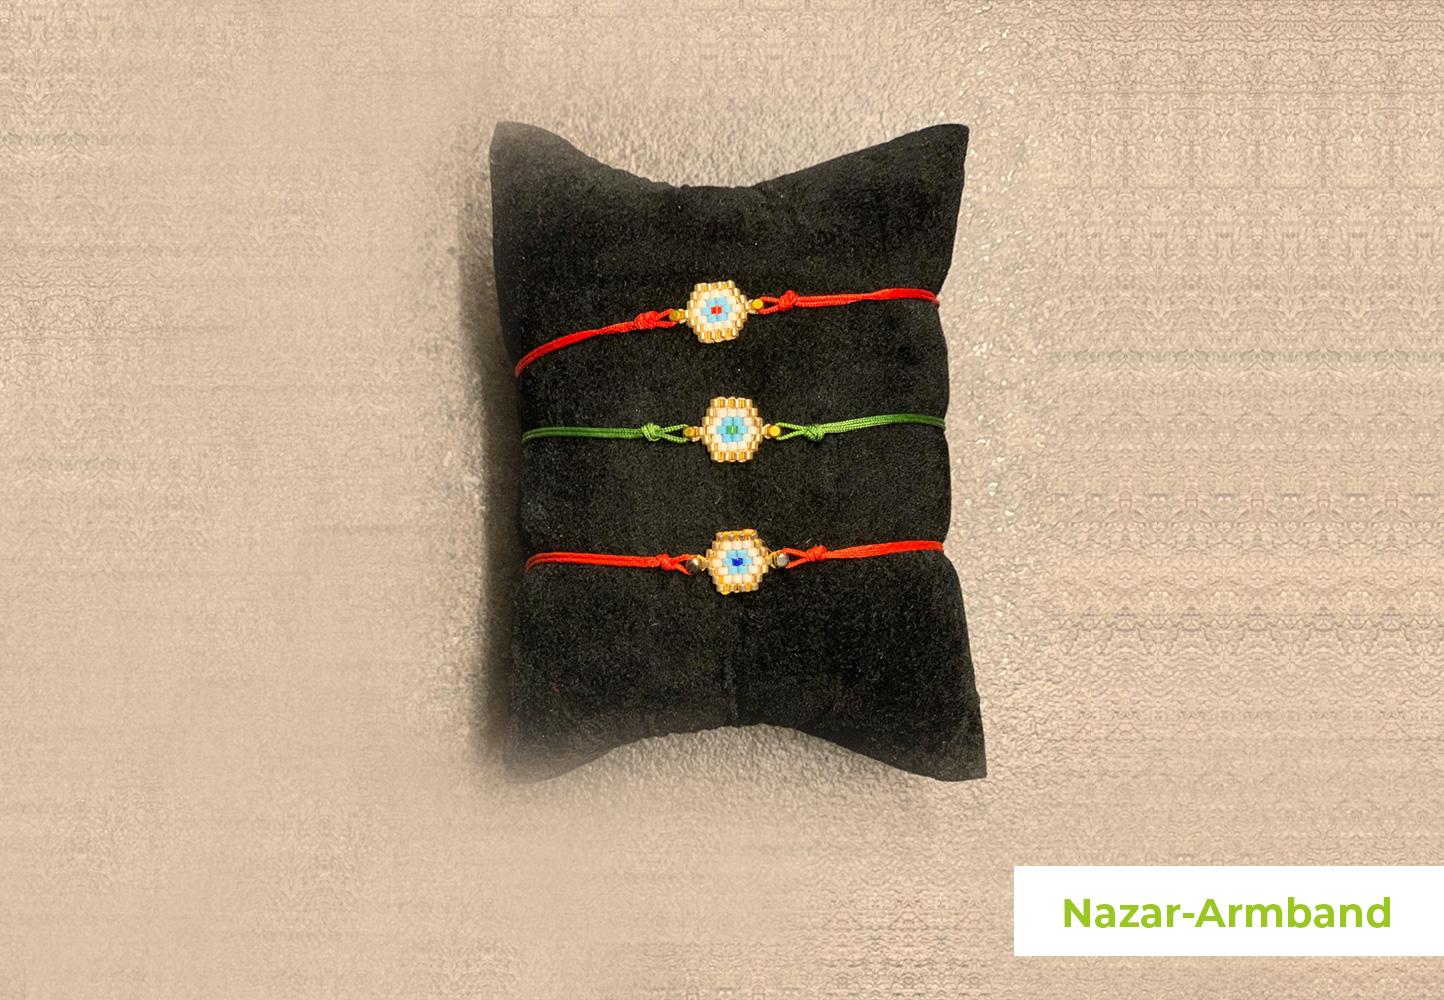 Nazar-Armband